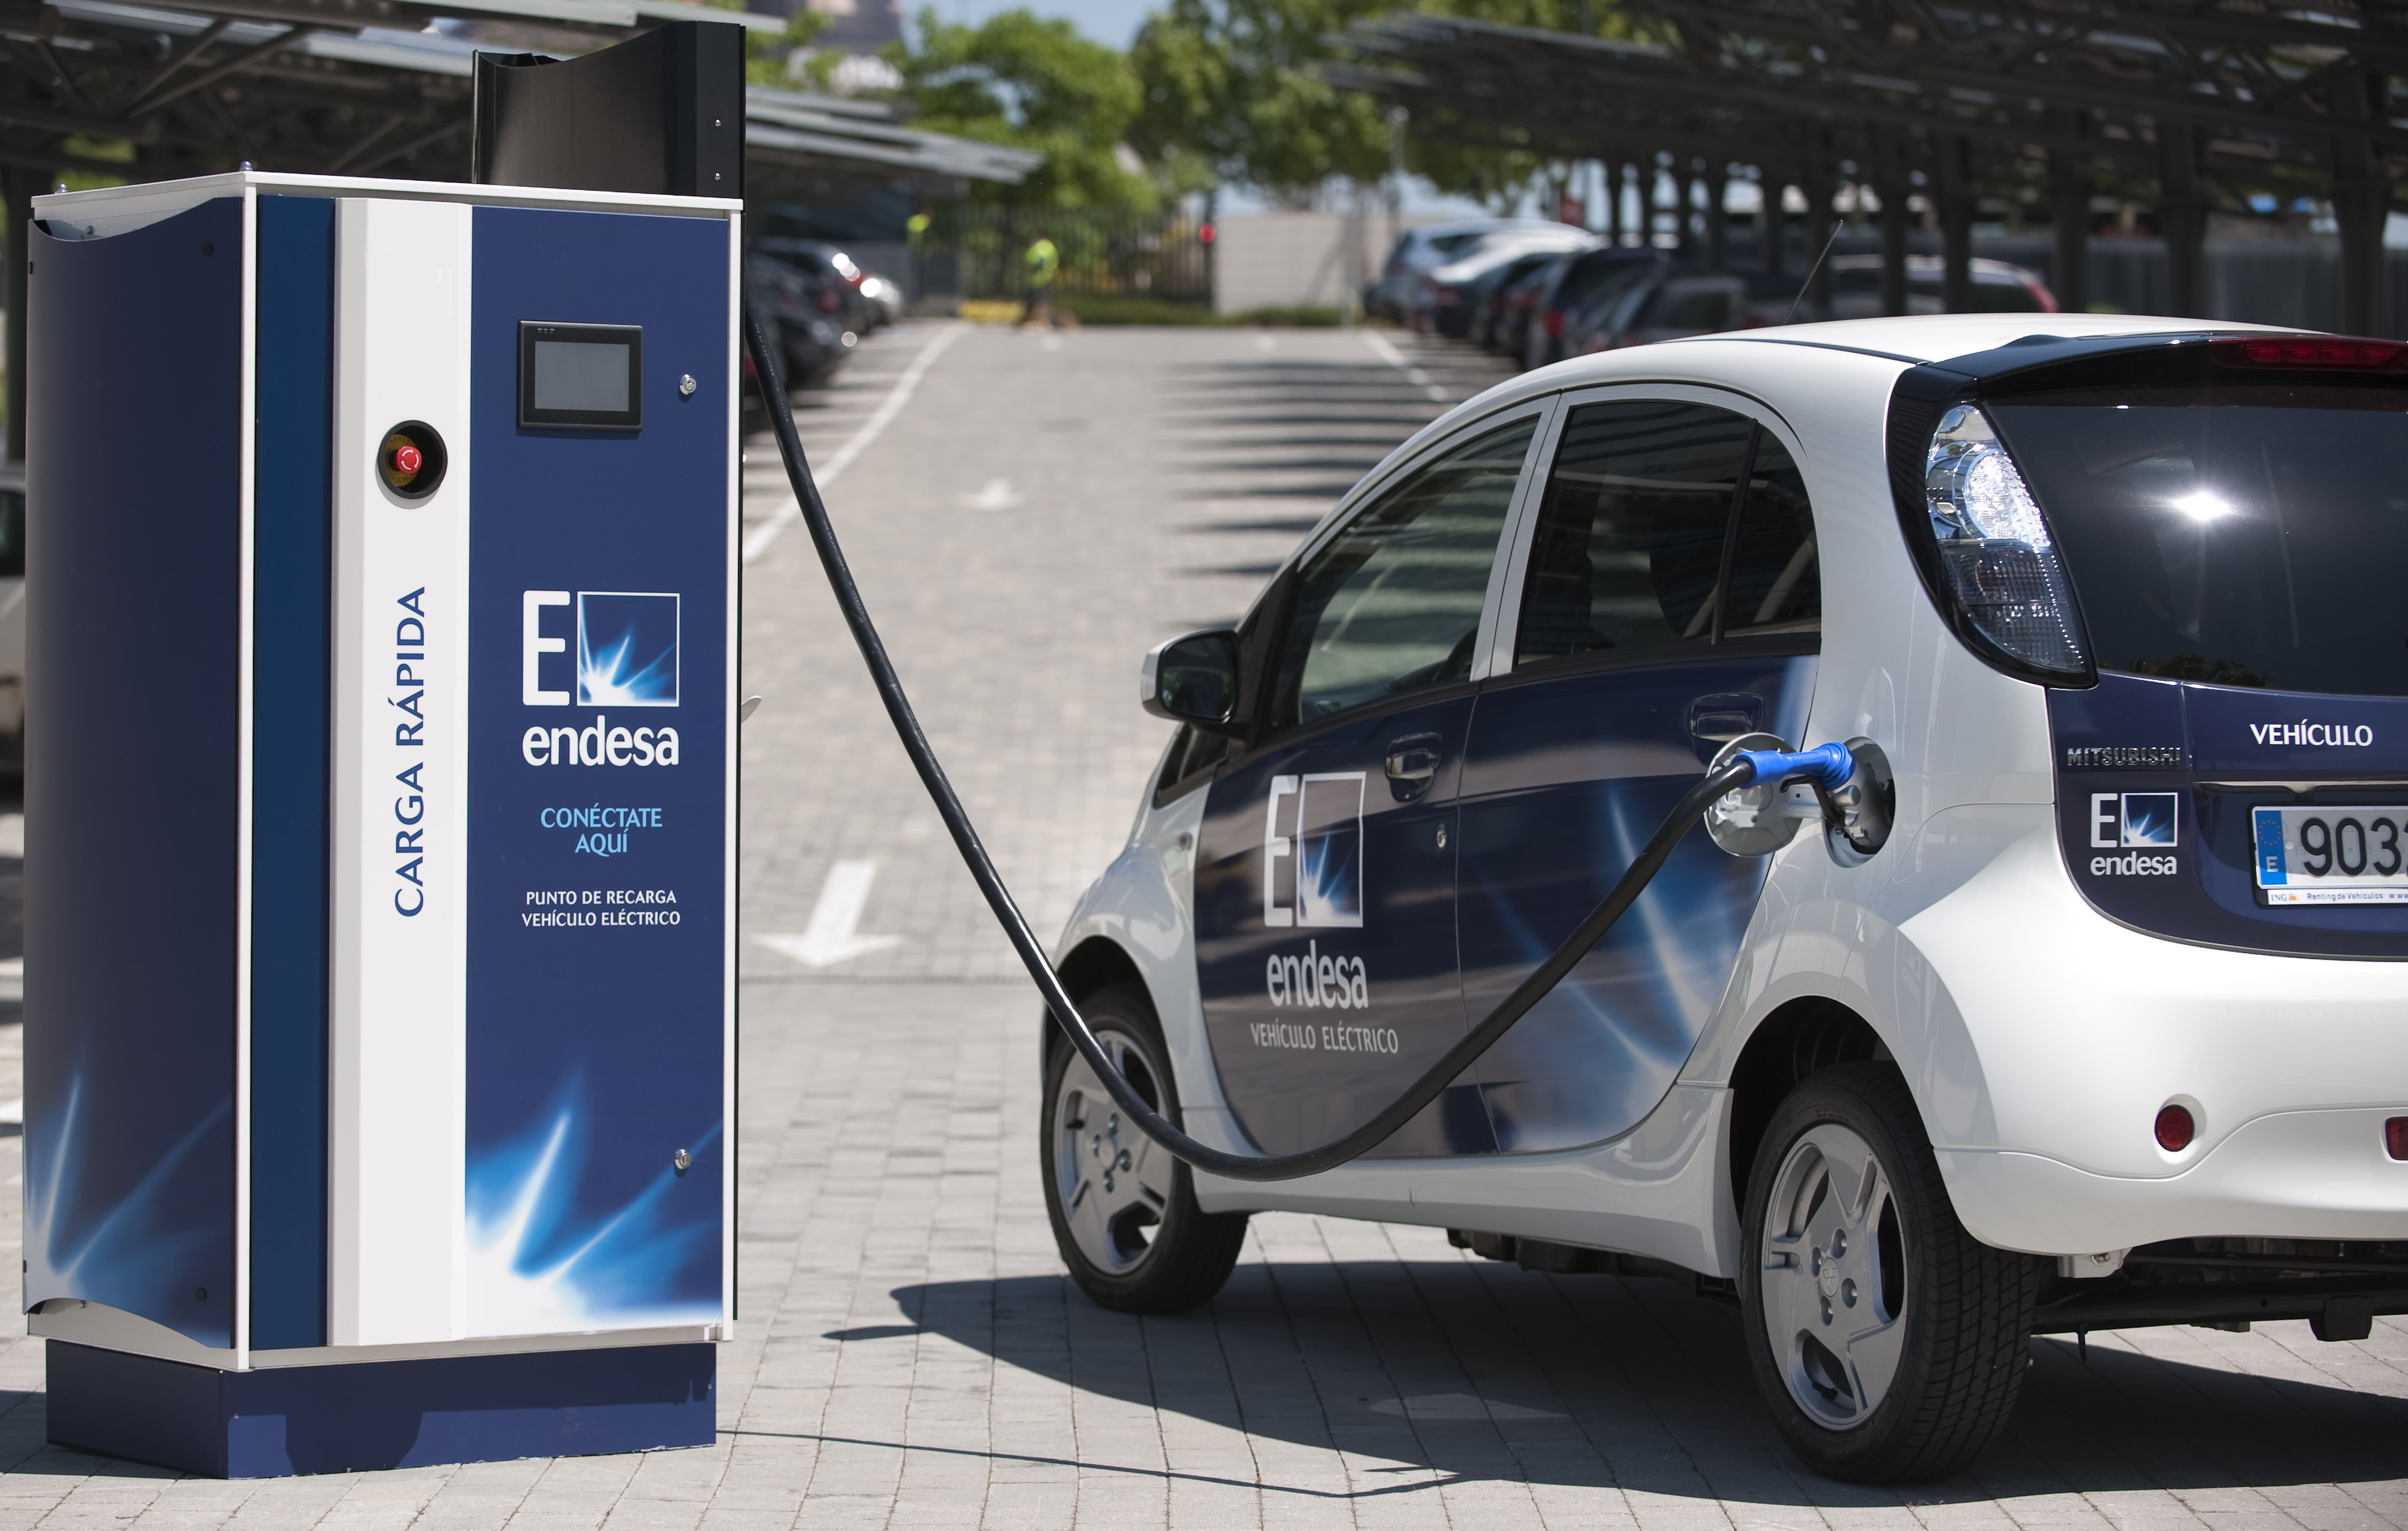 Endesa reduce beneficios por la reforma energética del gobierno